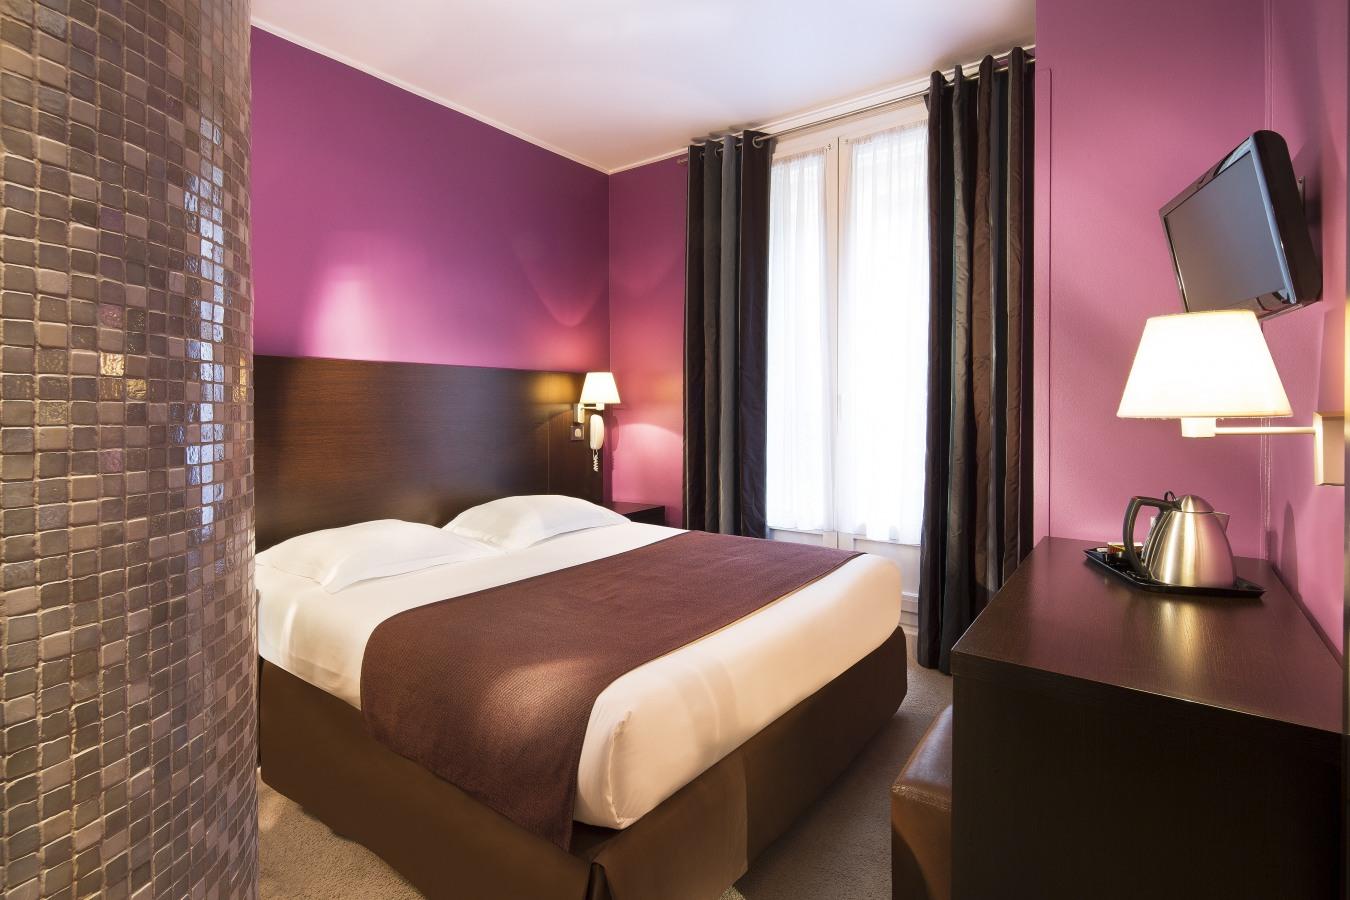 Os quartos do hotel Hotel Sophie Germain *** #9A6331 1350x900 Acessorios Banheiro Hotel